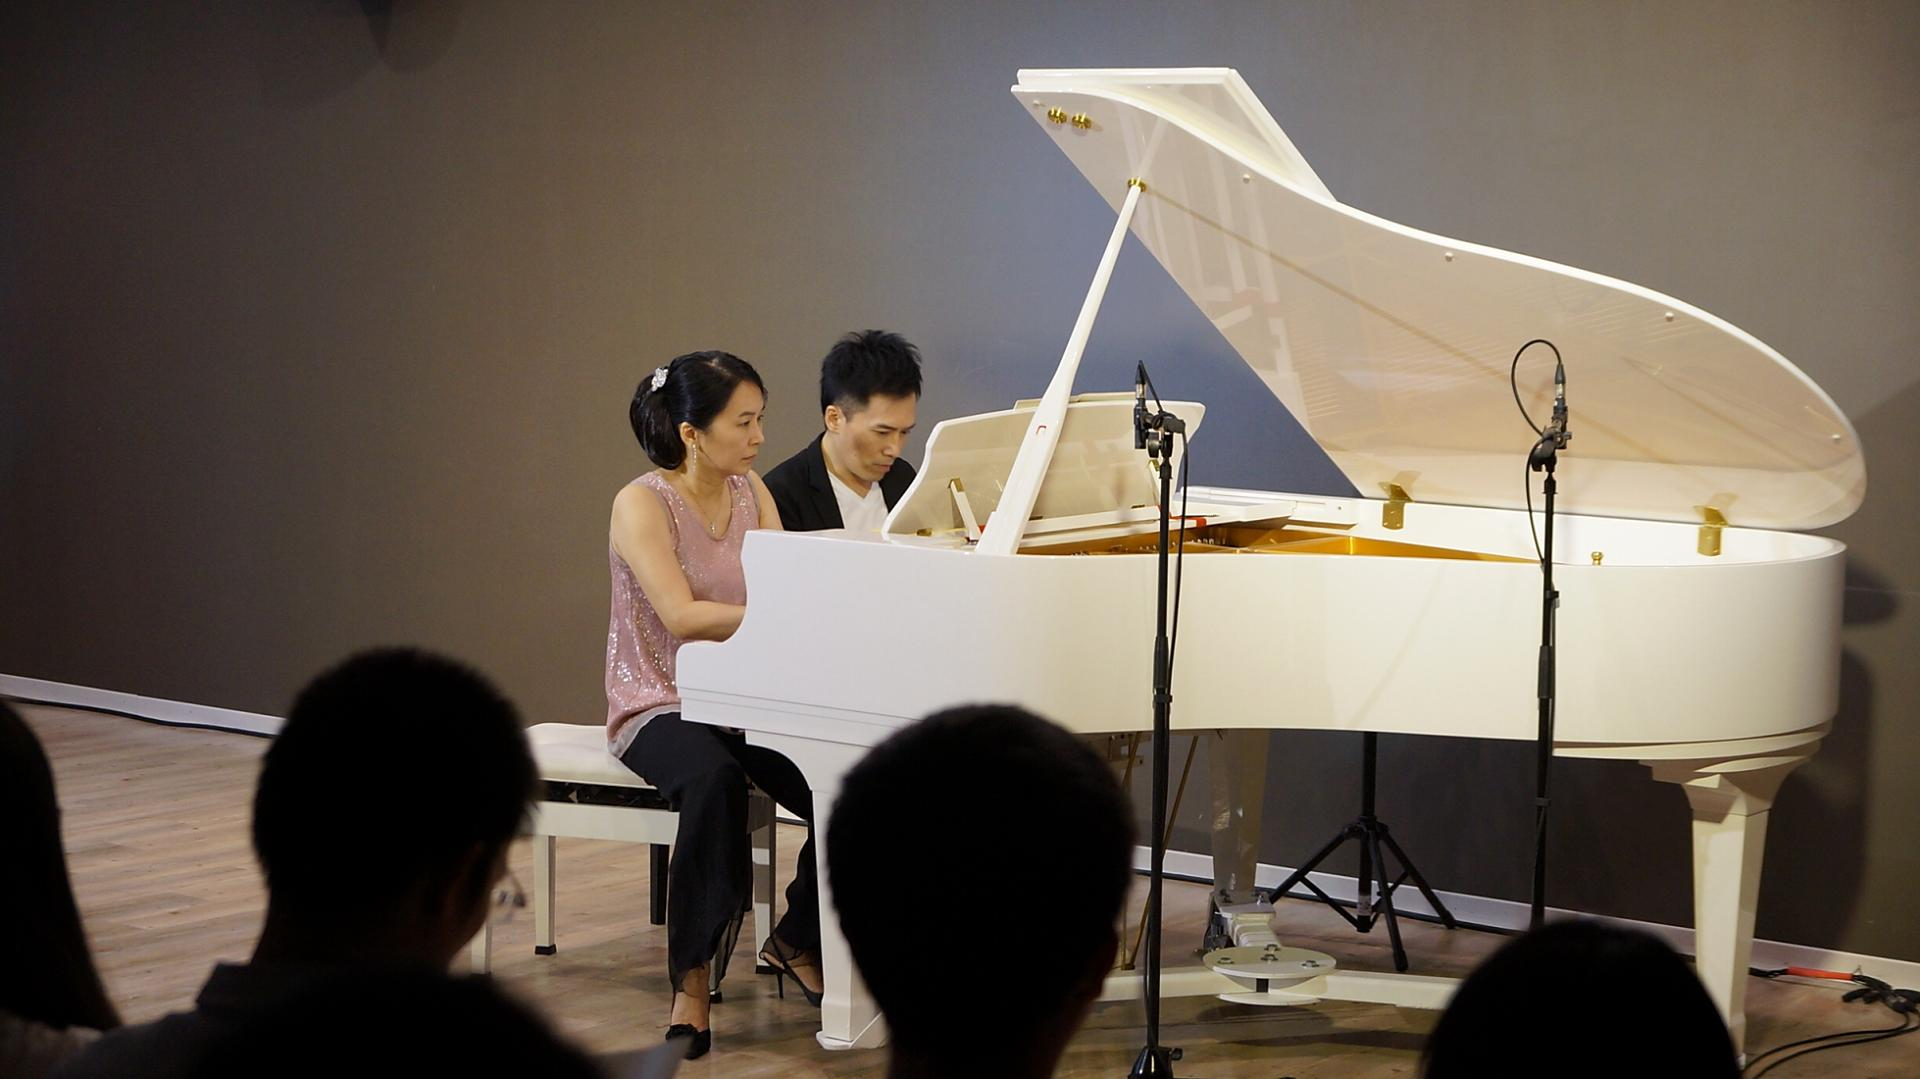 鋼琴王子陳冠宇在中原大學 與陳文婉老師四手聯彈